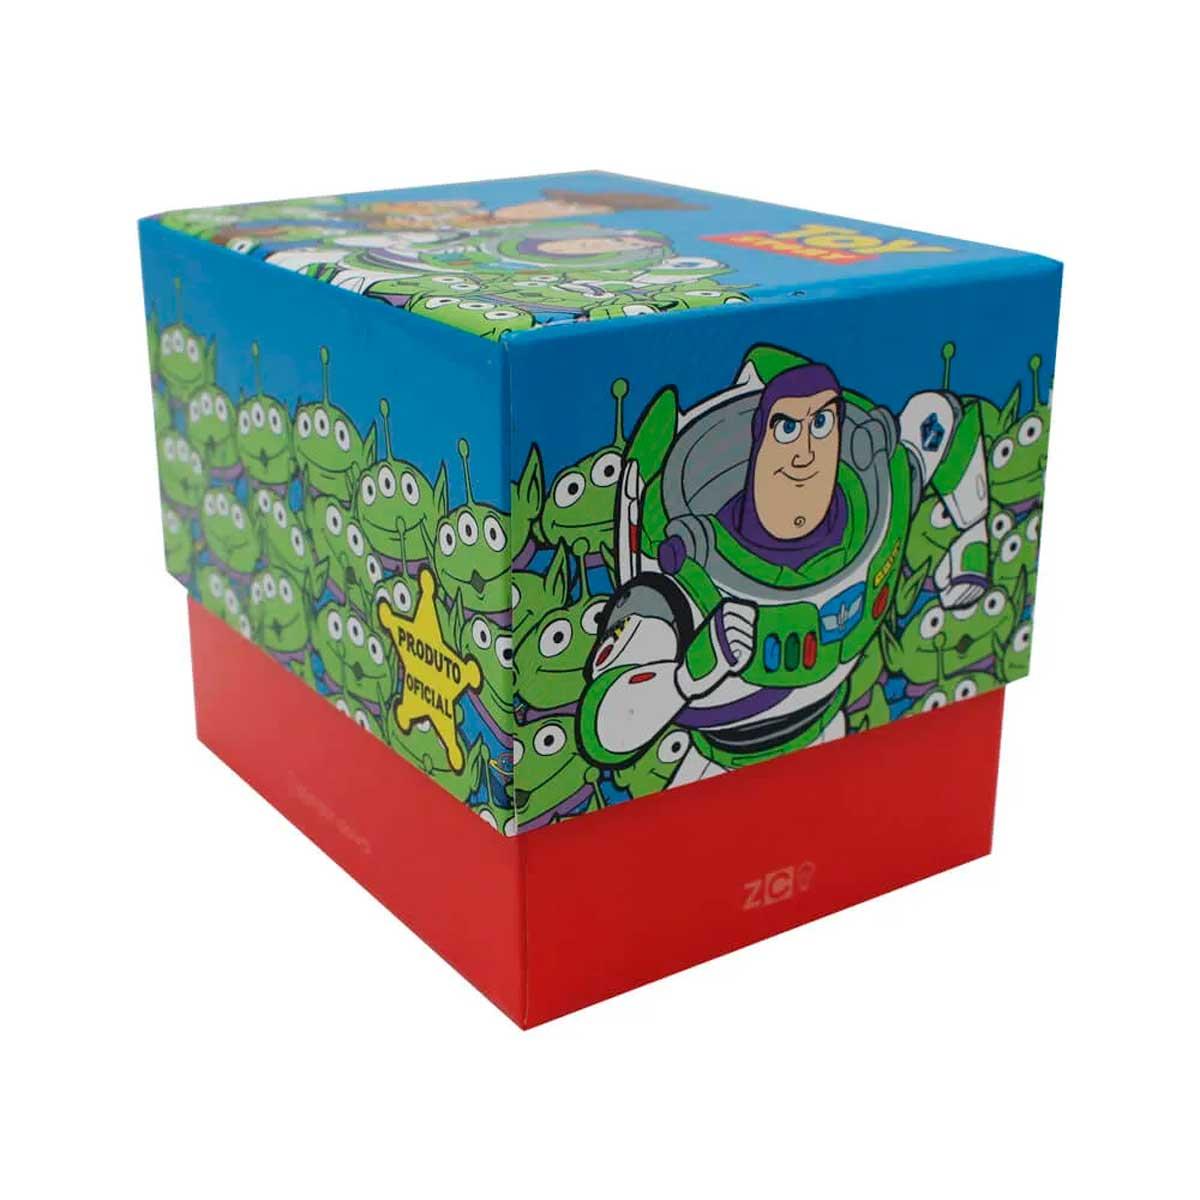 Caneca Toy Story - Woody e Buzz Lightyear